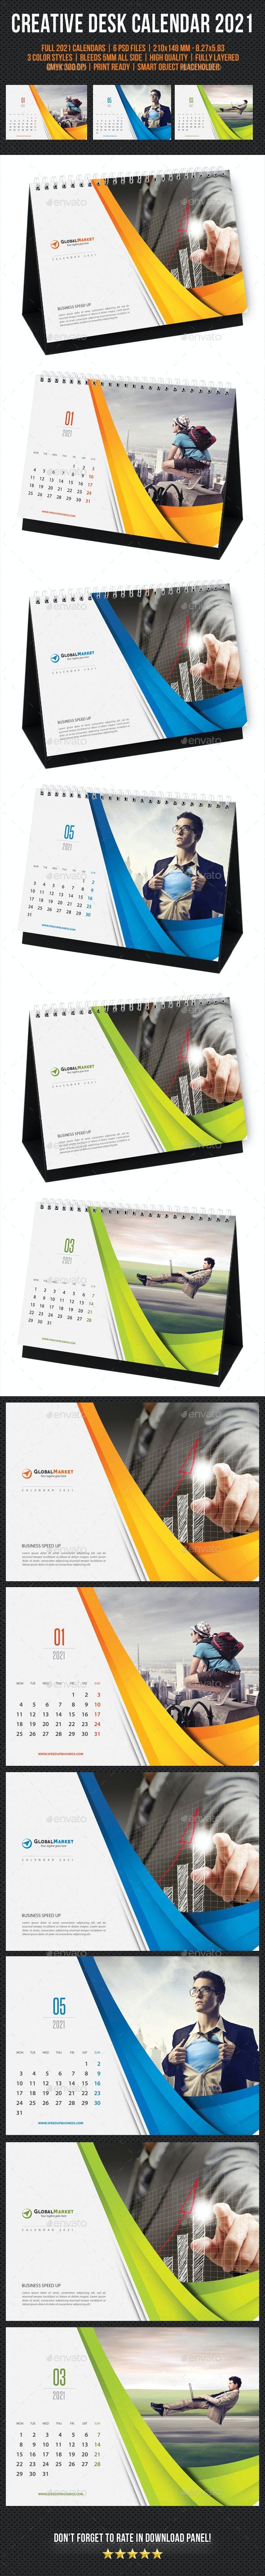 Creative Desk Calendar 2021 V11 - Calendars Stationery